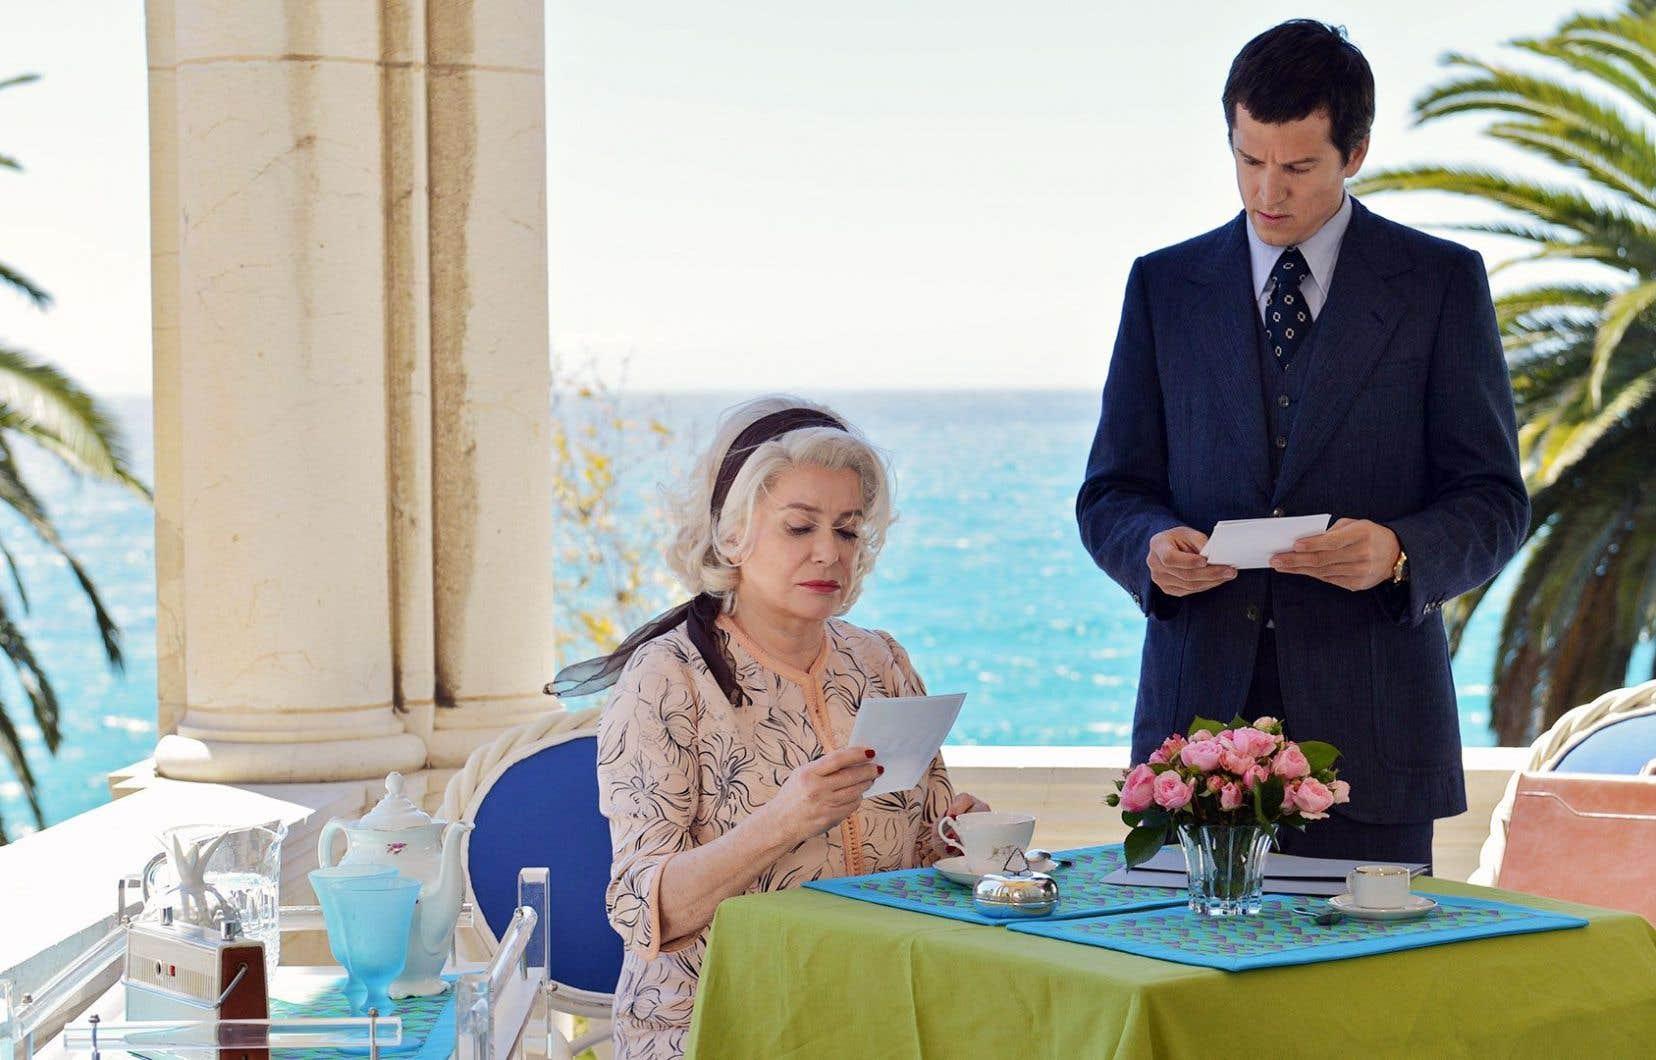 Aux yeux d'André Téchiné, seule Catherine Deneuve pouvait incarner le rôle de Renée Le Roux.